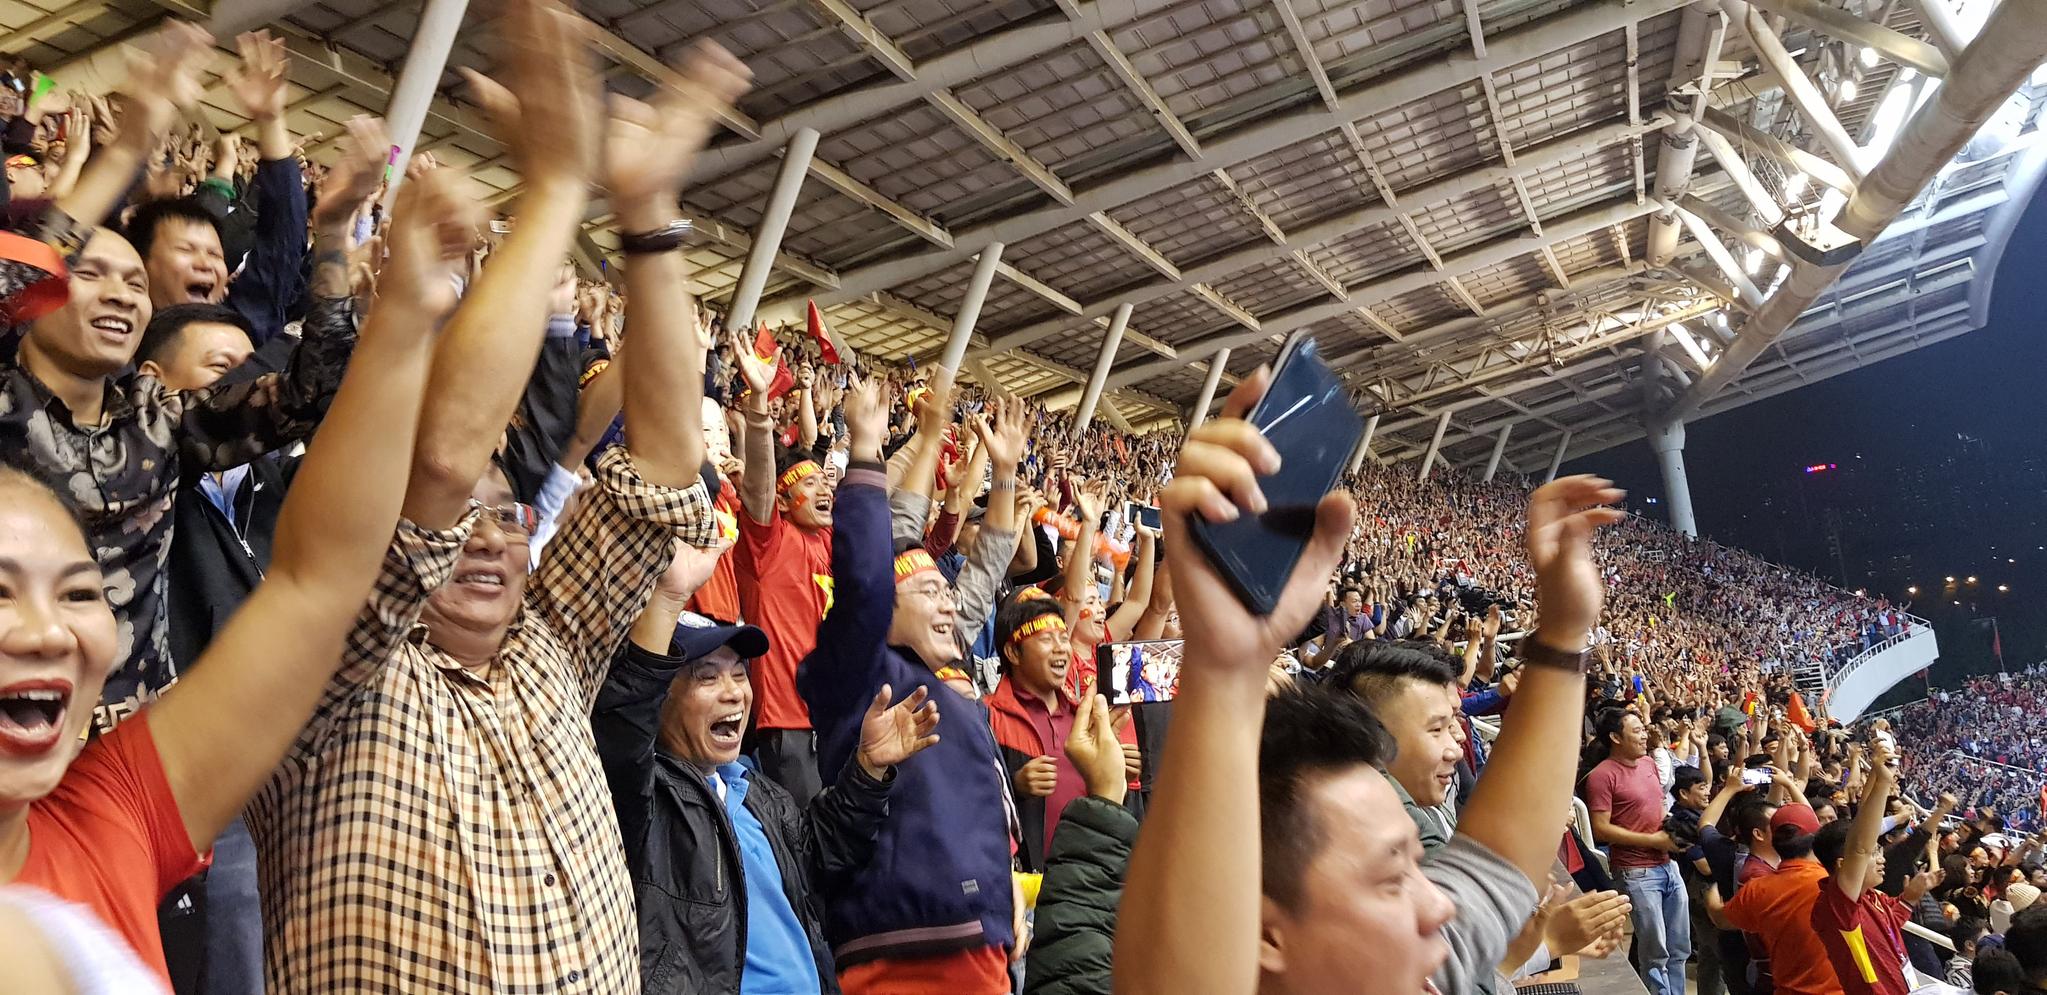 박항서 감독이 이끄는 베트남 축구 대표팀이 14일 베트남 하노이 미딘국립경기장에서 아랍에미리트를 상대로 한 2022년 카타르 월드컵 아시아 2차전 G조 4차전에서 전반 종료 직전 선취골을 기록하자 베트남 축구팬들이 환호하고 있다.[연합뉴스]